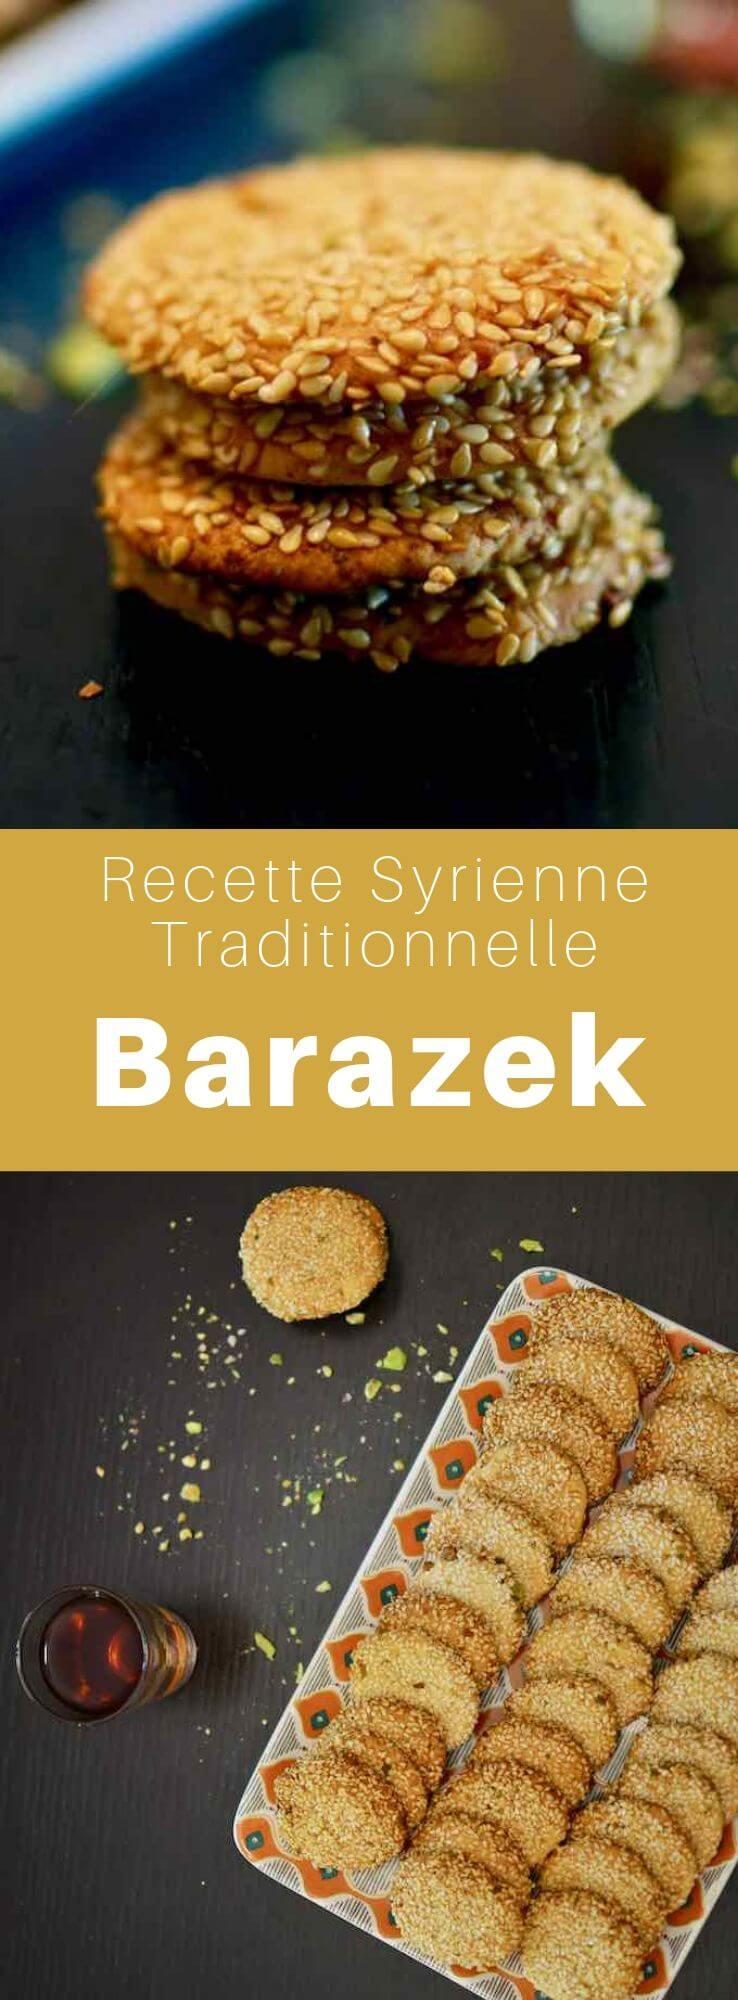 Les barazeks sont des petits gâteaux secs garnis de graines de sésame grillées et d'éclats de pistaches, originaire de Syrie. #CuisineSyrienne #RecetteSyrienne #Syrie #CuisineMoyenOrientale #MoyenOrient #CuisineArabe #RecetteArabe #CuisineDuMonde #196flavors